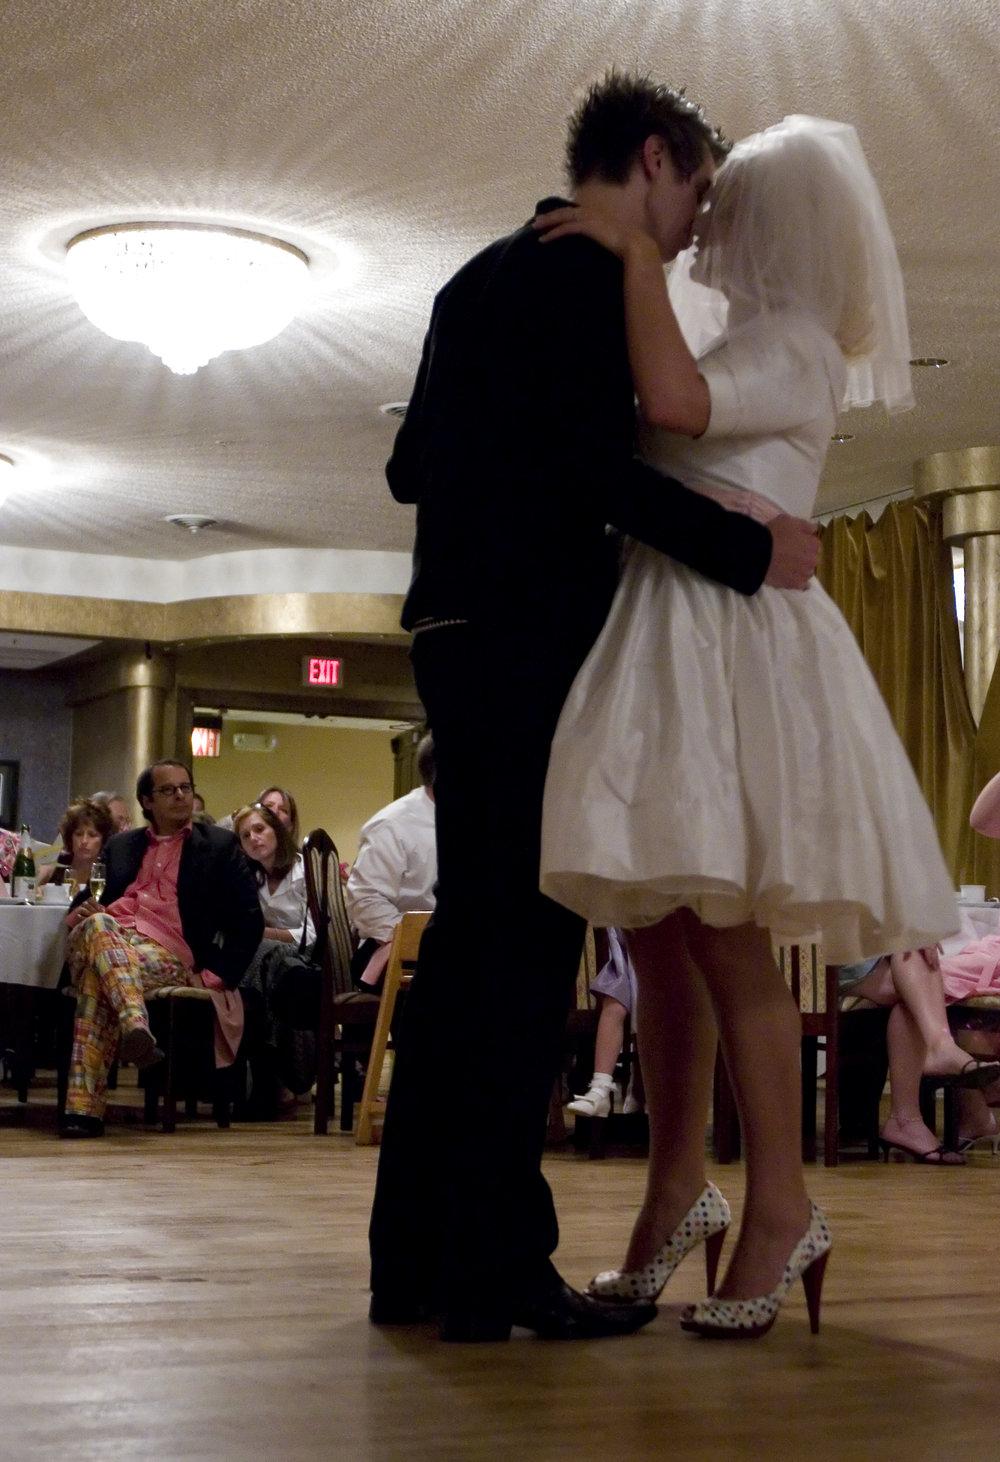 20180216-wedding-dance.jpg